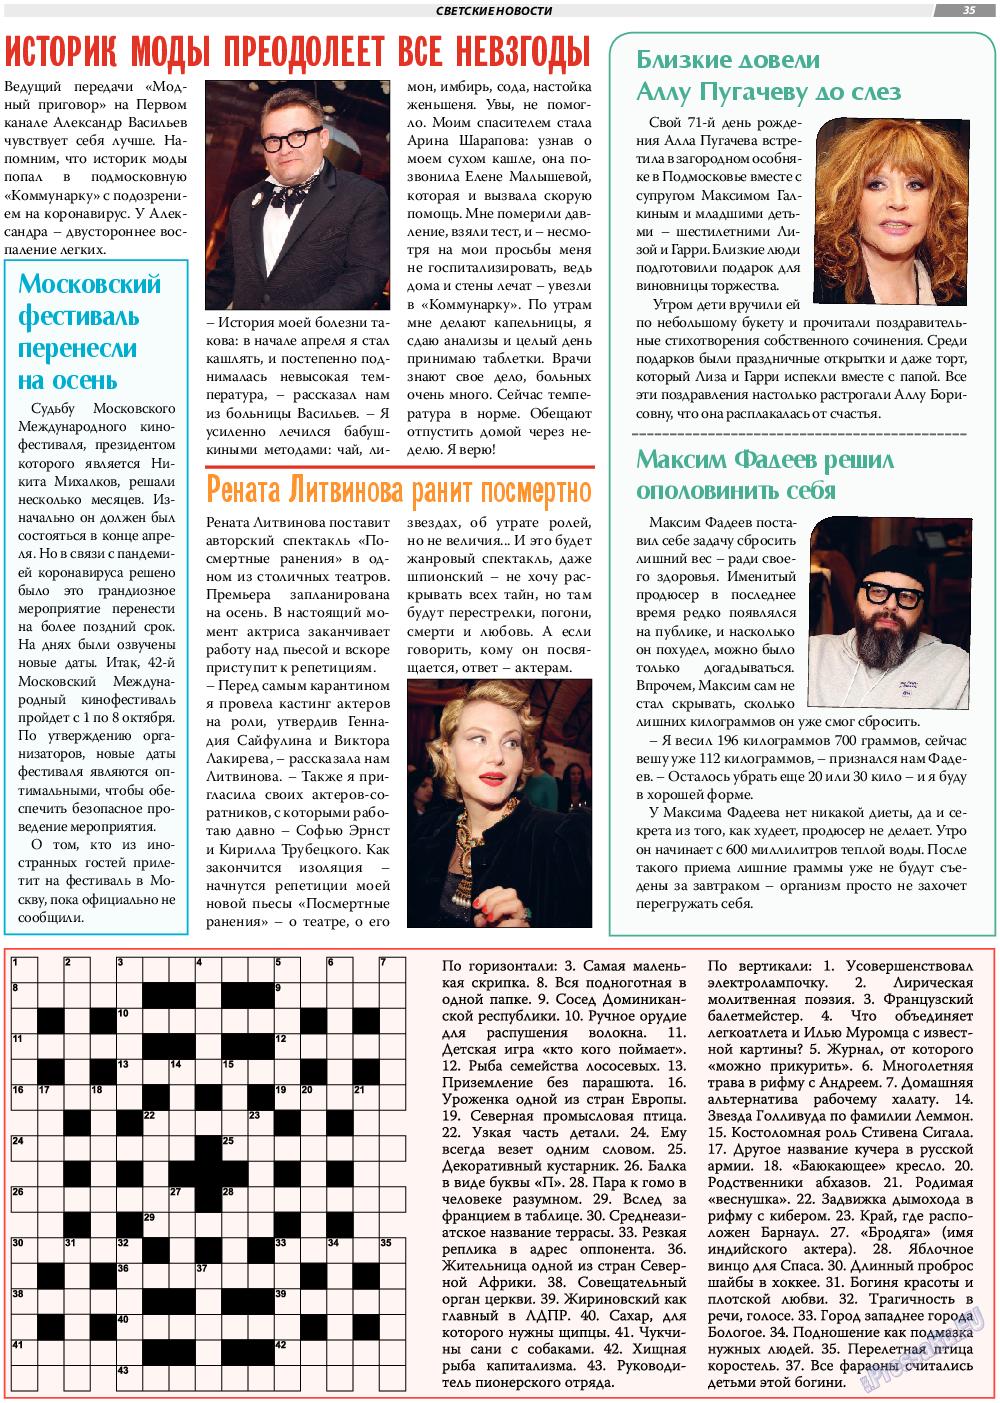 TVrus (газета). 2020 год, номер 18, стр. 35